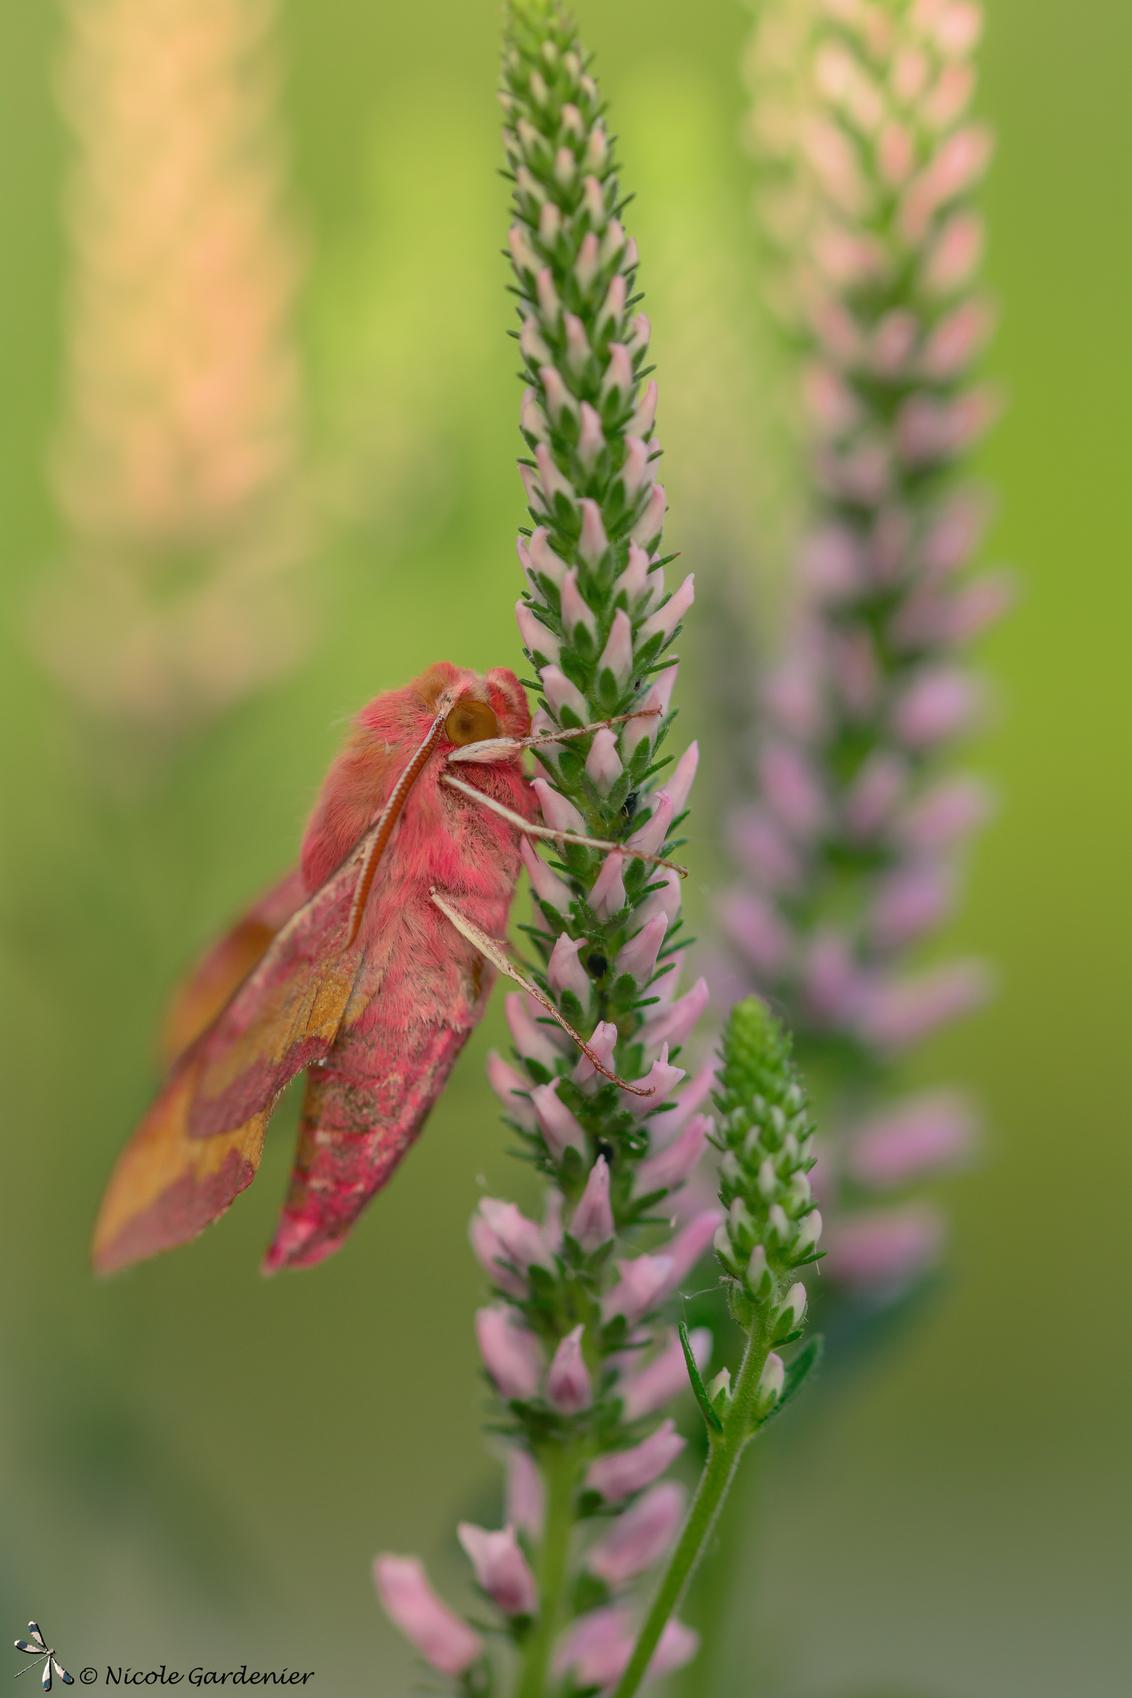 Klein Avondrood - Klein avondrood, nachtvlinder. - foto door nicolegardenier17 op 03-06-2019 - deze foto bevat: vlinder, zomer, nachtvlinder, Klein avondrood